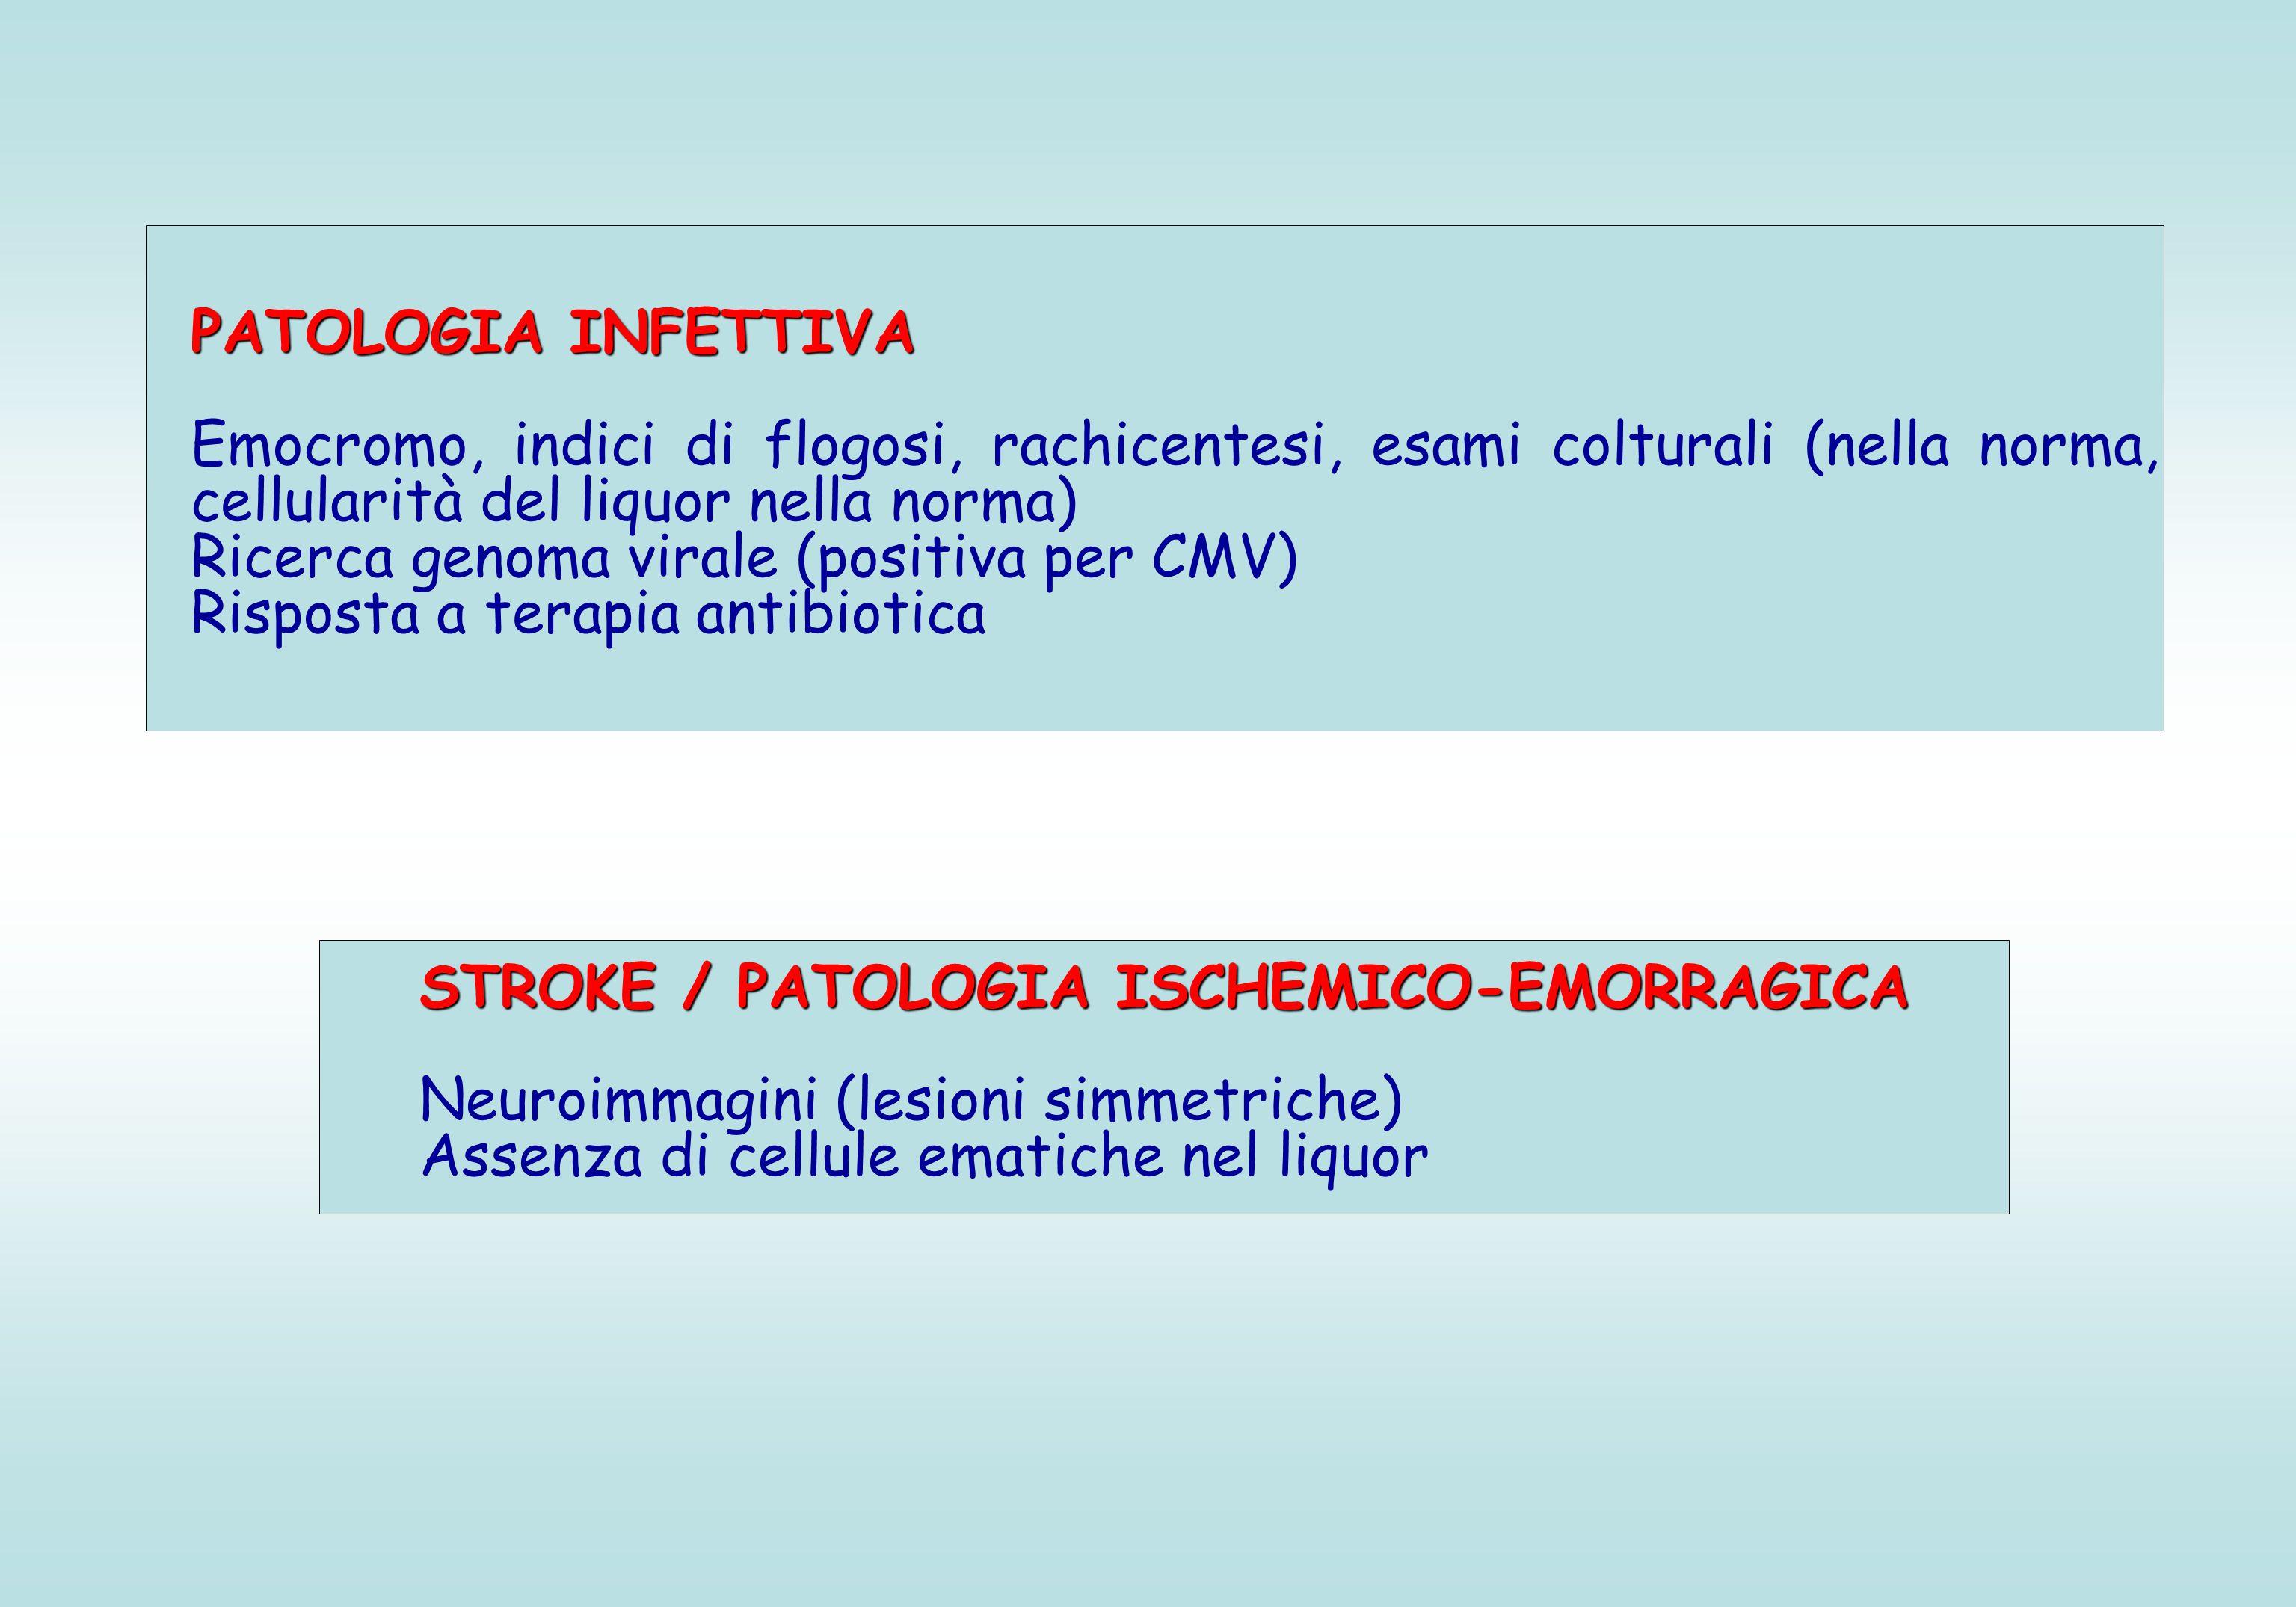 PATOLOGIA INFETTIVA Emocromo, indici di flogosi, rachicentesi, esami colturali (nella norma, cellularità del liquor nella norma) Ricerca genoma virale (positiva per CMV) Risposta a terapia antibiotica STROKE / PATOLOGIA ISCHEMICO-EMORRAGICA Neuroimmagini (lesioni simmetriche) Assenza di cellule ematiche nel liquor